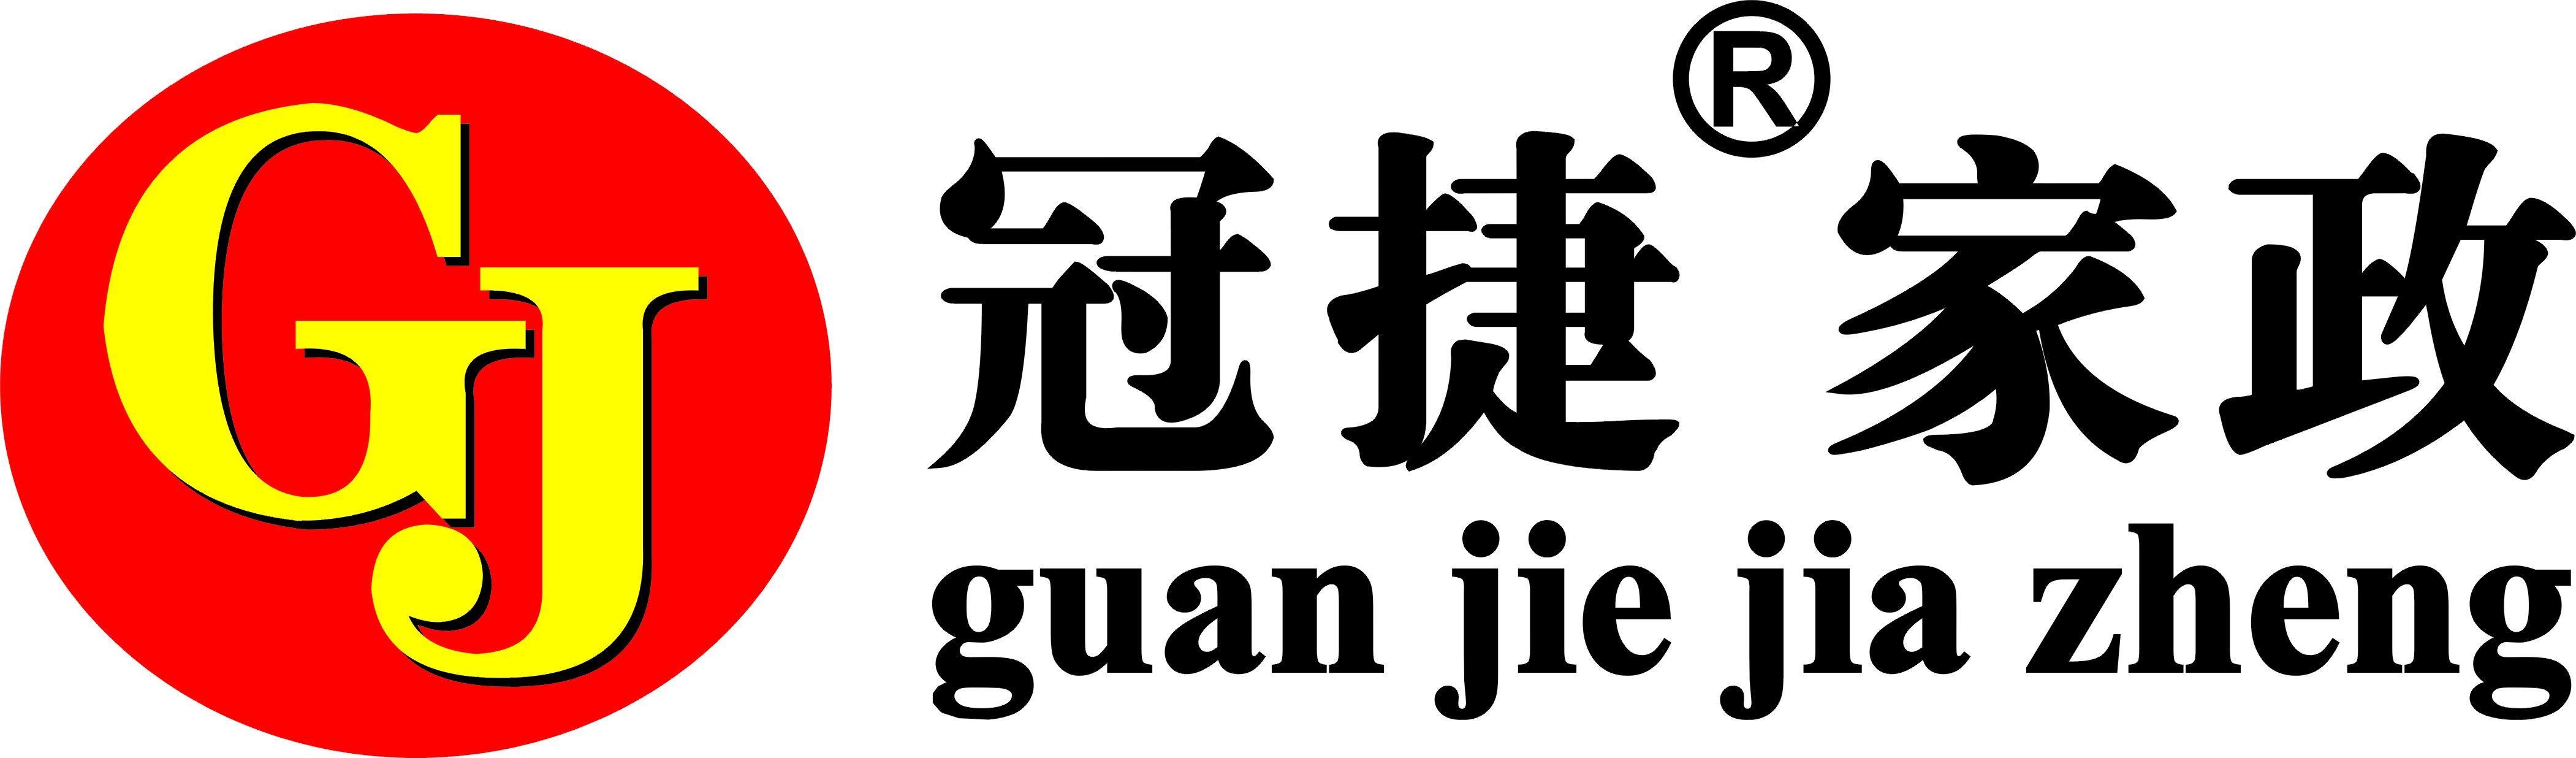 logo 标识 标志 设计 矢量 矢量图 素材 图标 4203_1236